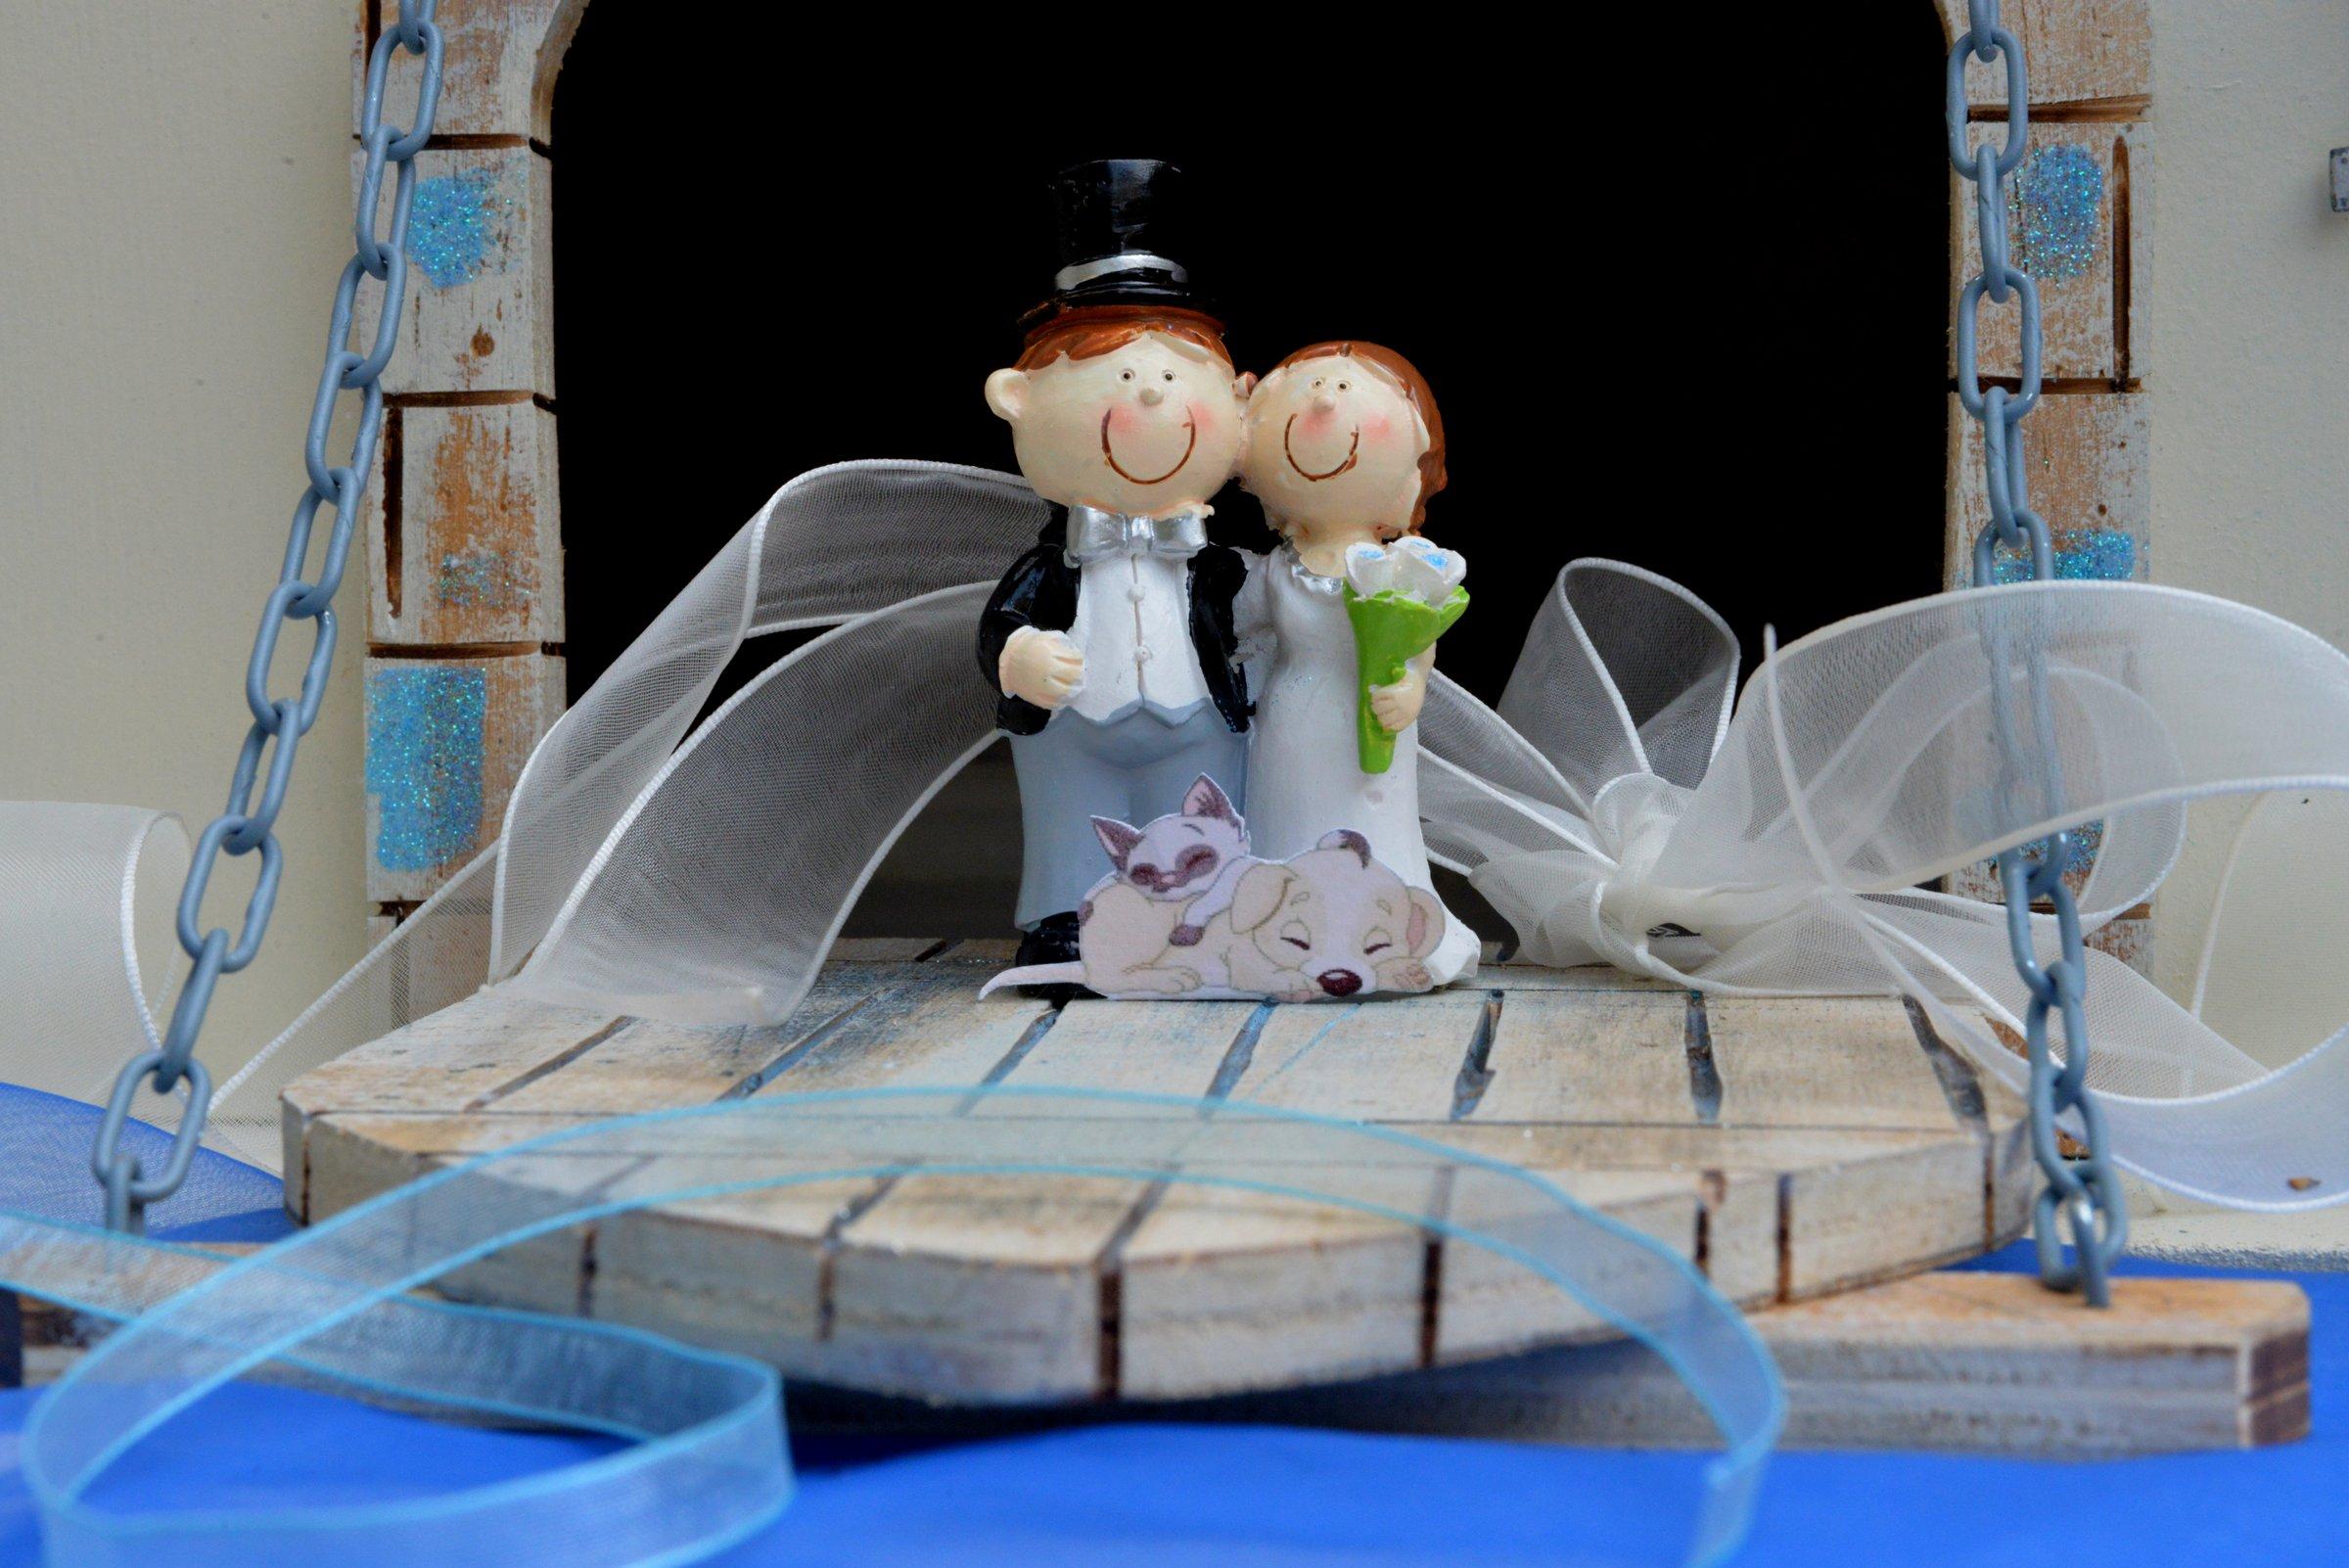 Tableau Matrimonio Azzurro : Tableau matrimonio personalizzato a partire da u ac stampa